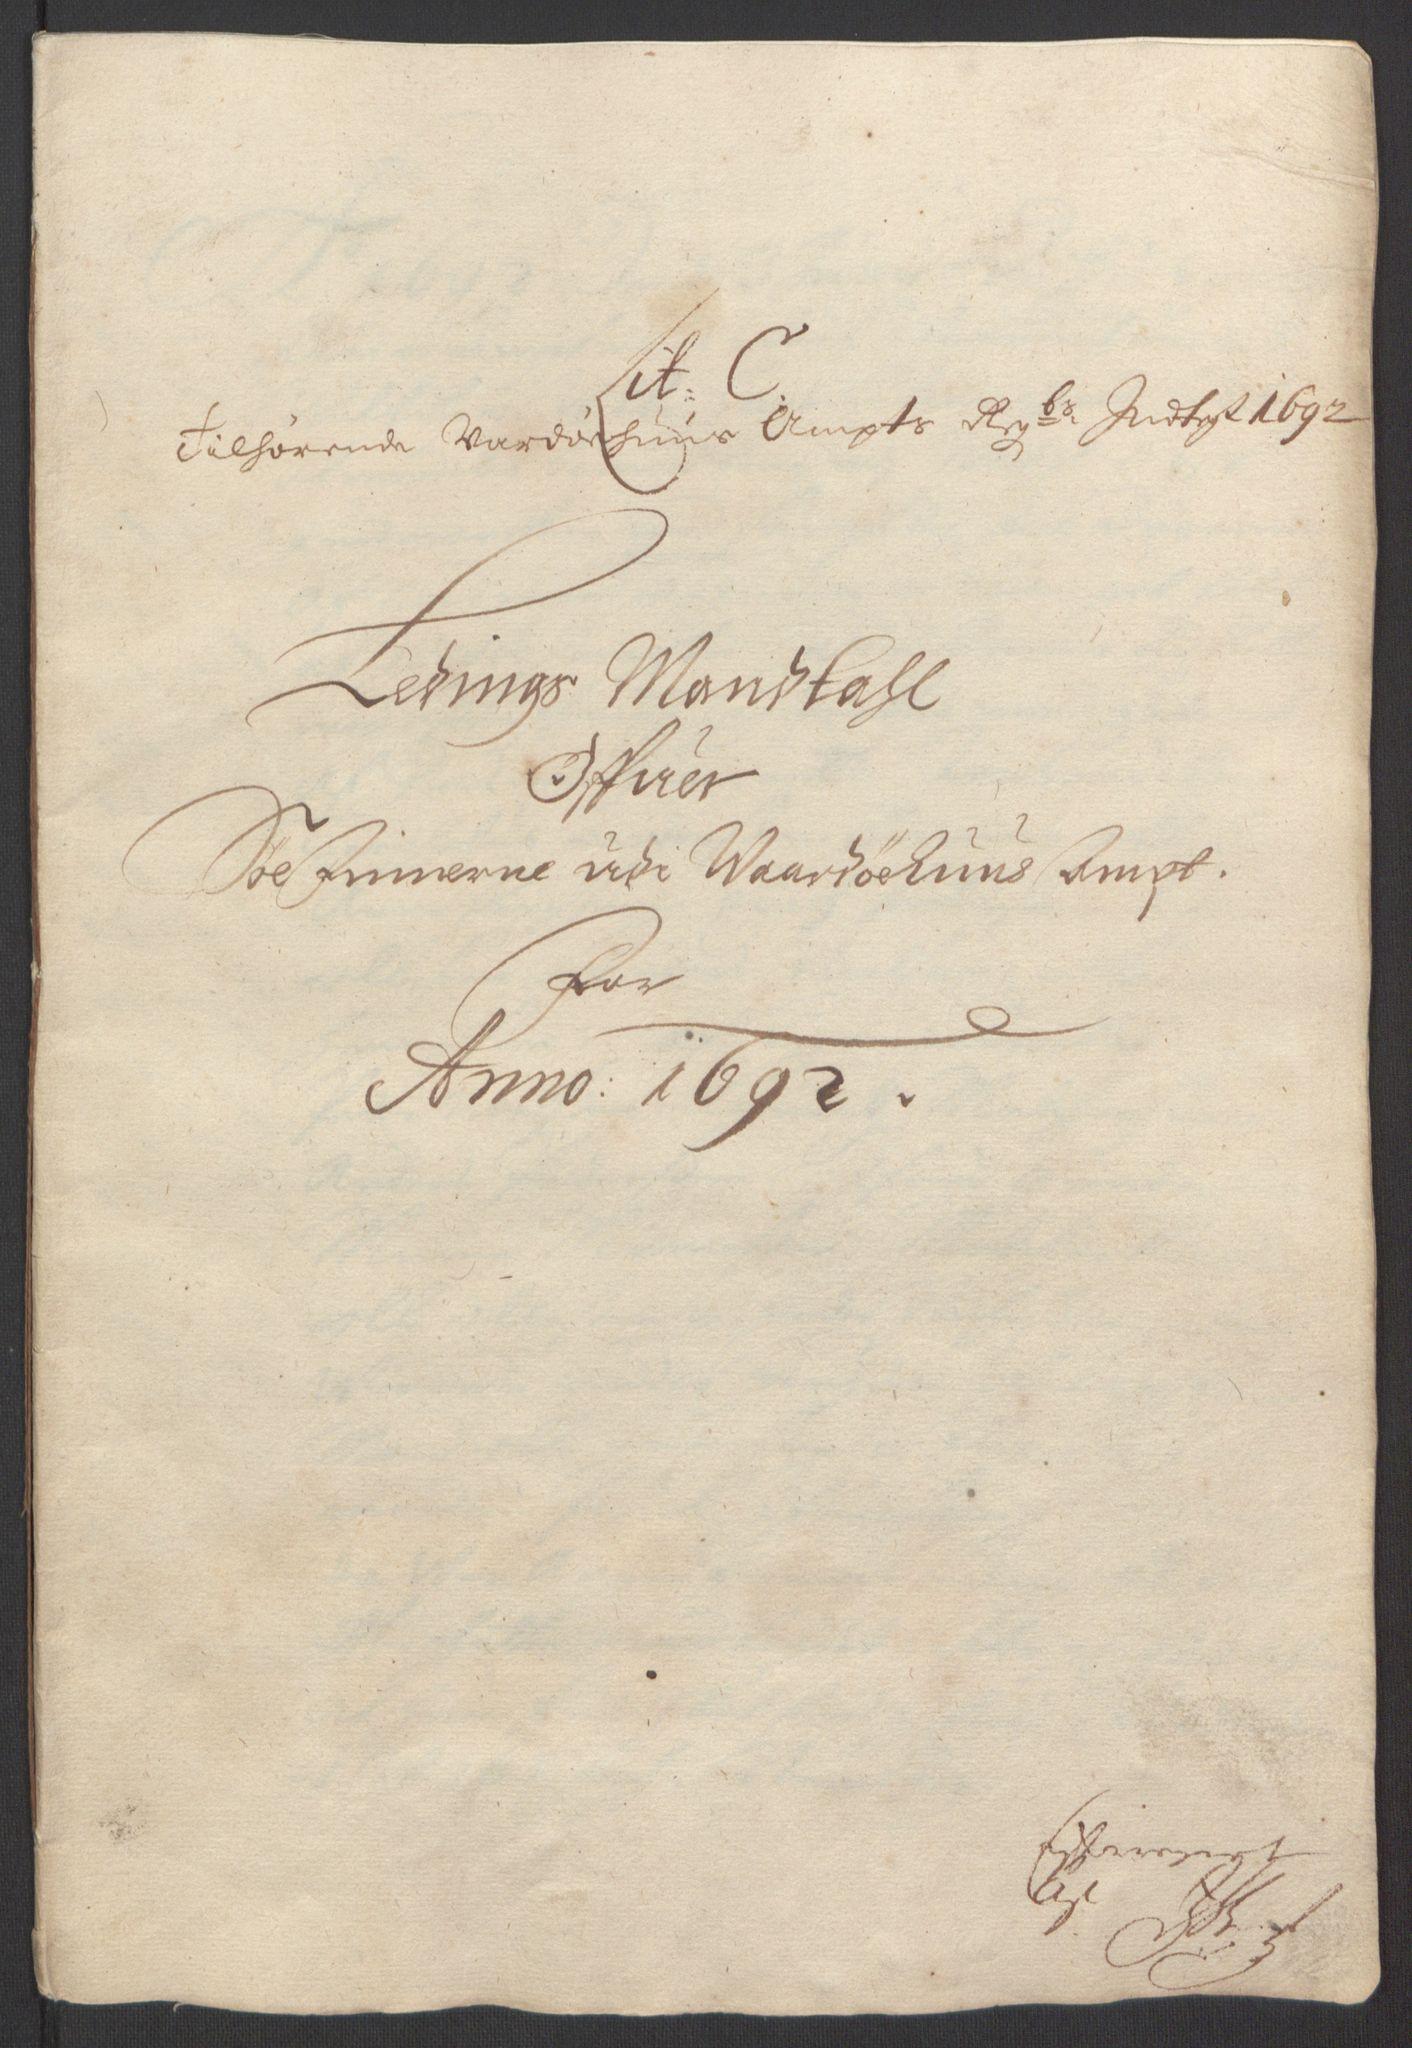 RA, Rentekammeret inntil 1814, Reviderte regnskaper, Fogderegnskap, R69/L4851: Fogderegnskap Finnmark/Vardøhus, 1691-1700, s. 160